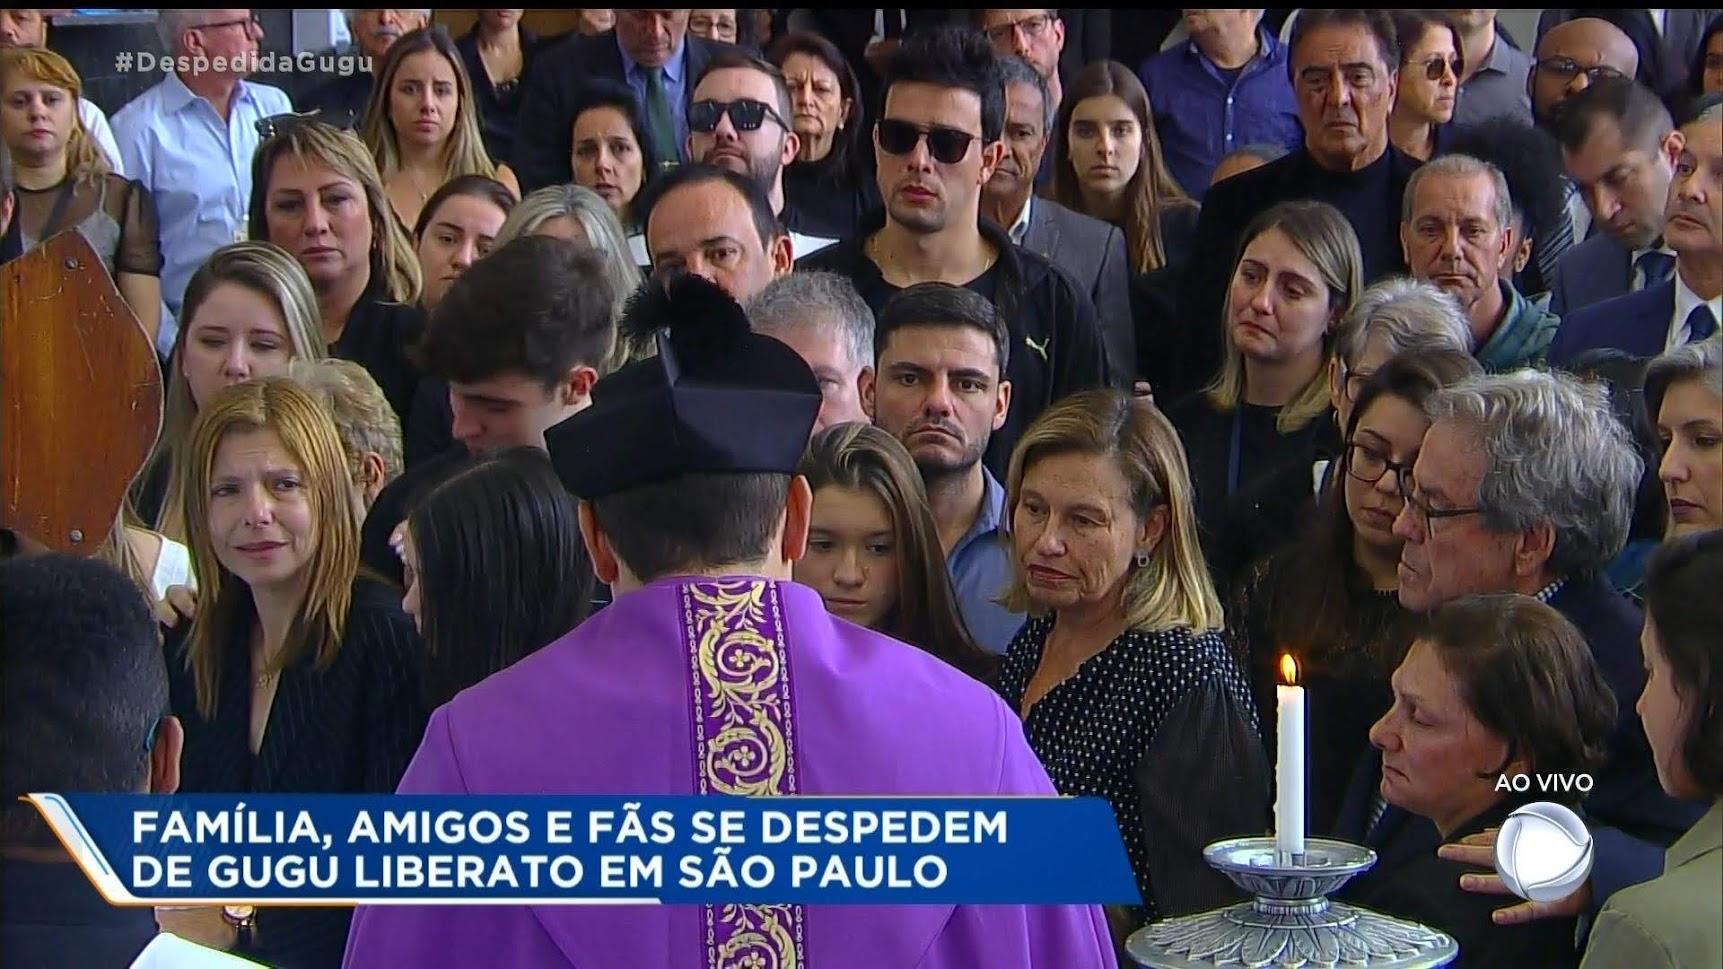 Familiares e amigos participaram de uma cerimônia antes do corpo de Gugu ser levado ao cemitério